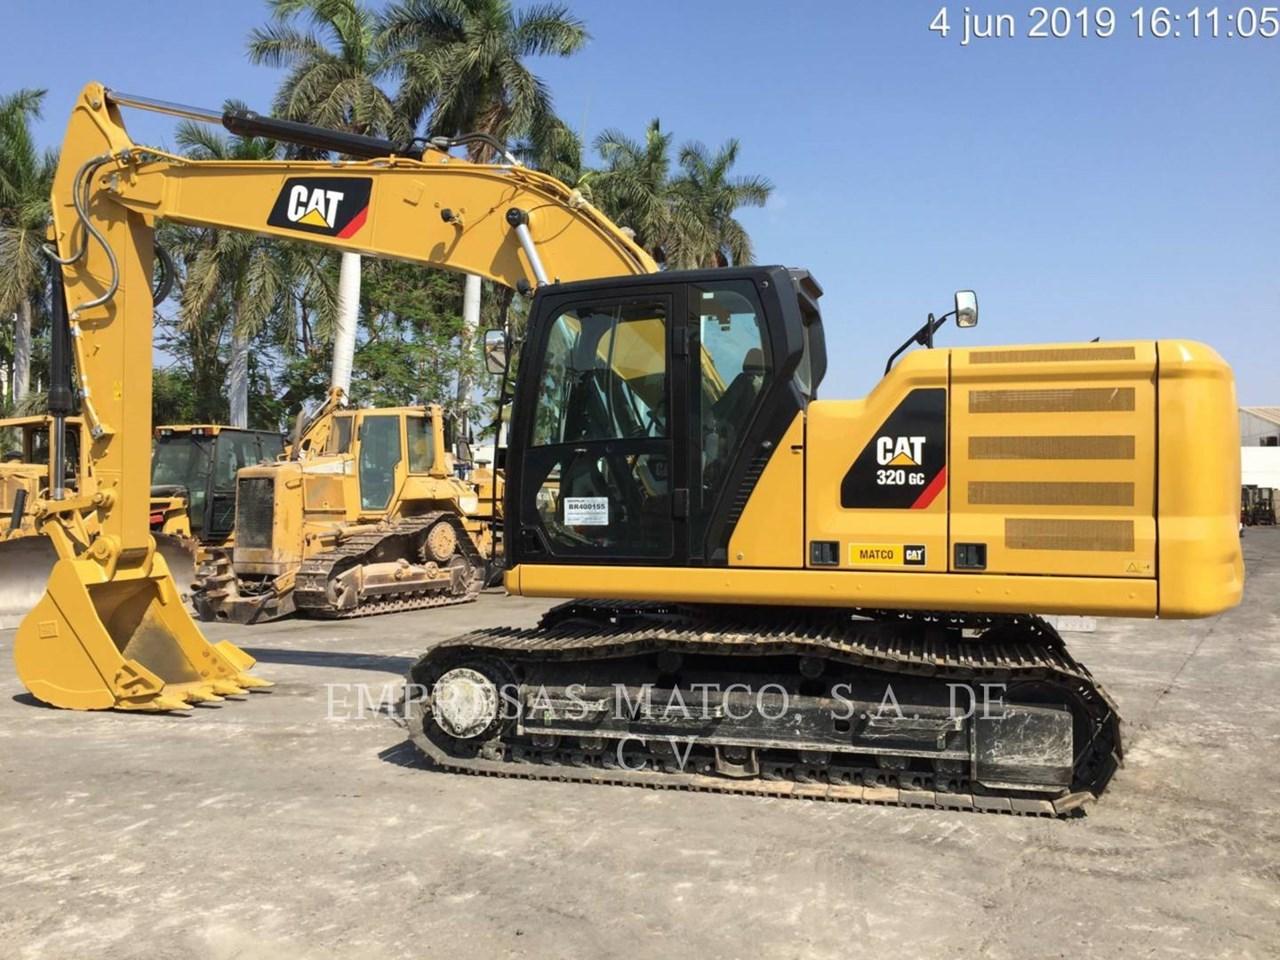 2018 Caterpillar 320 GC Image 2